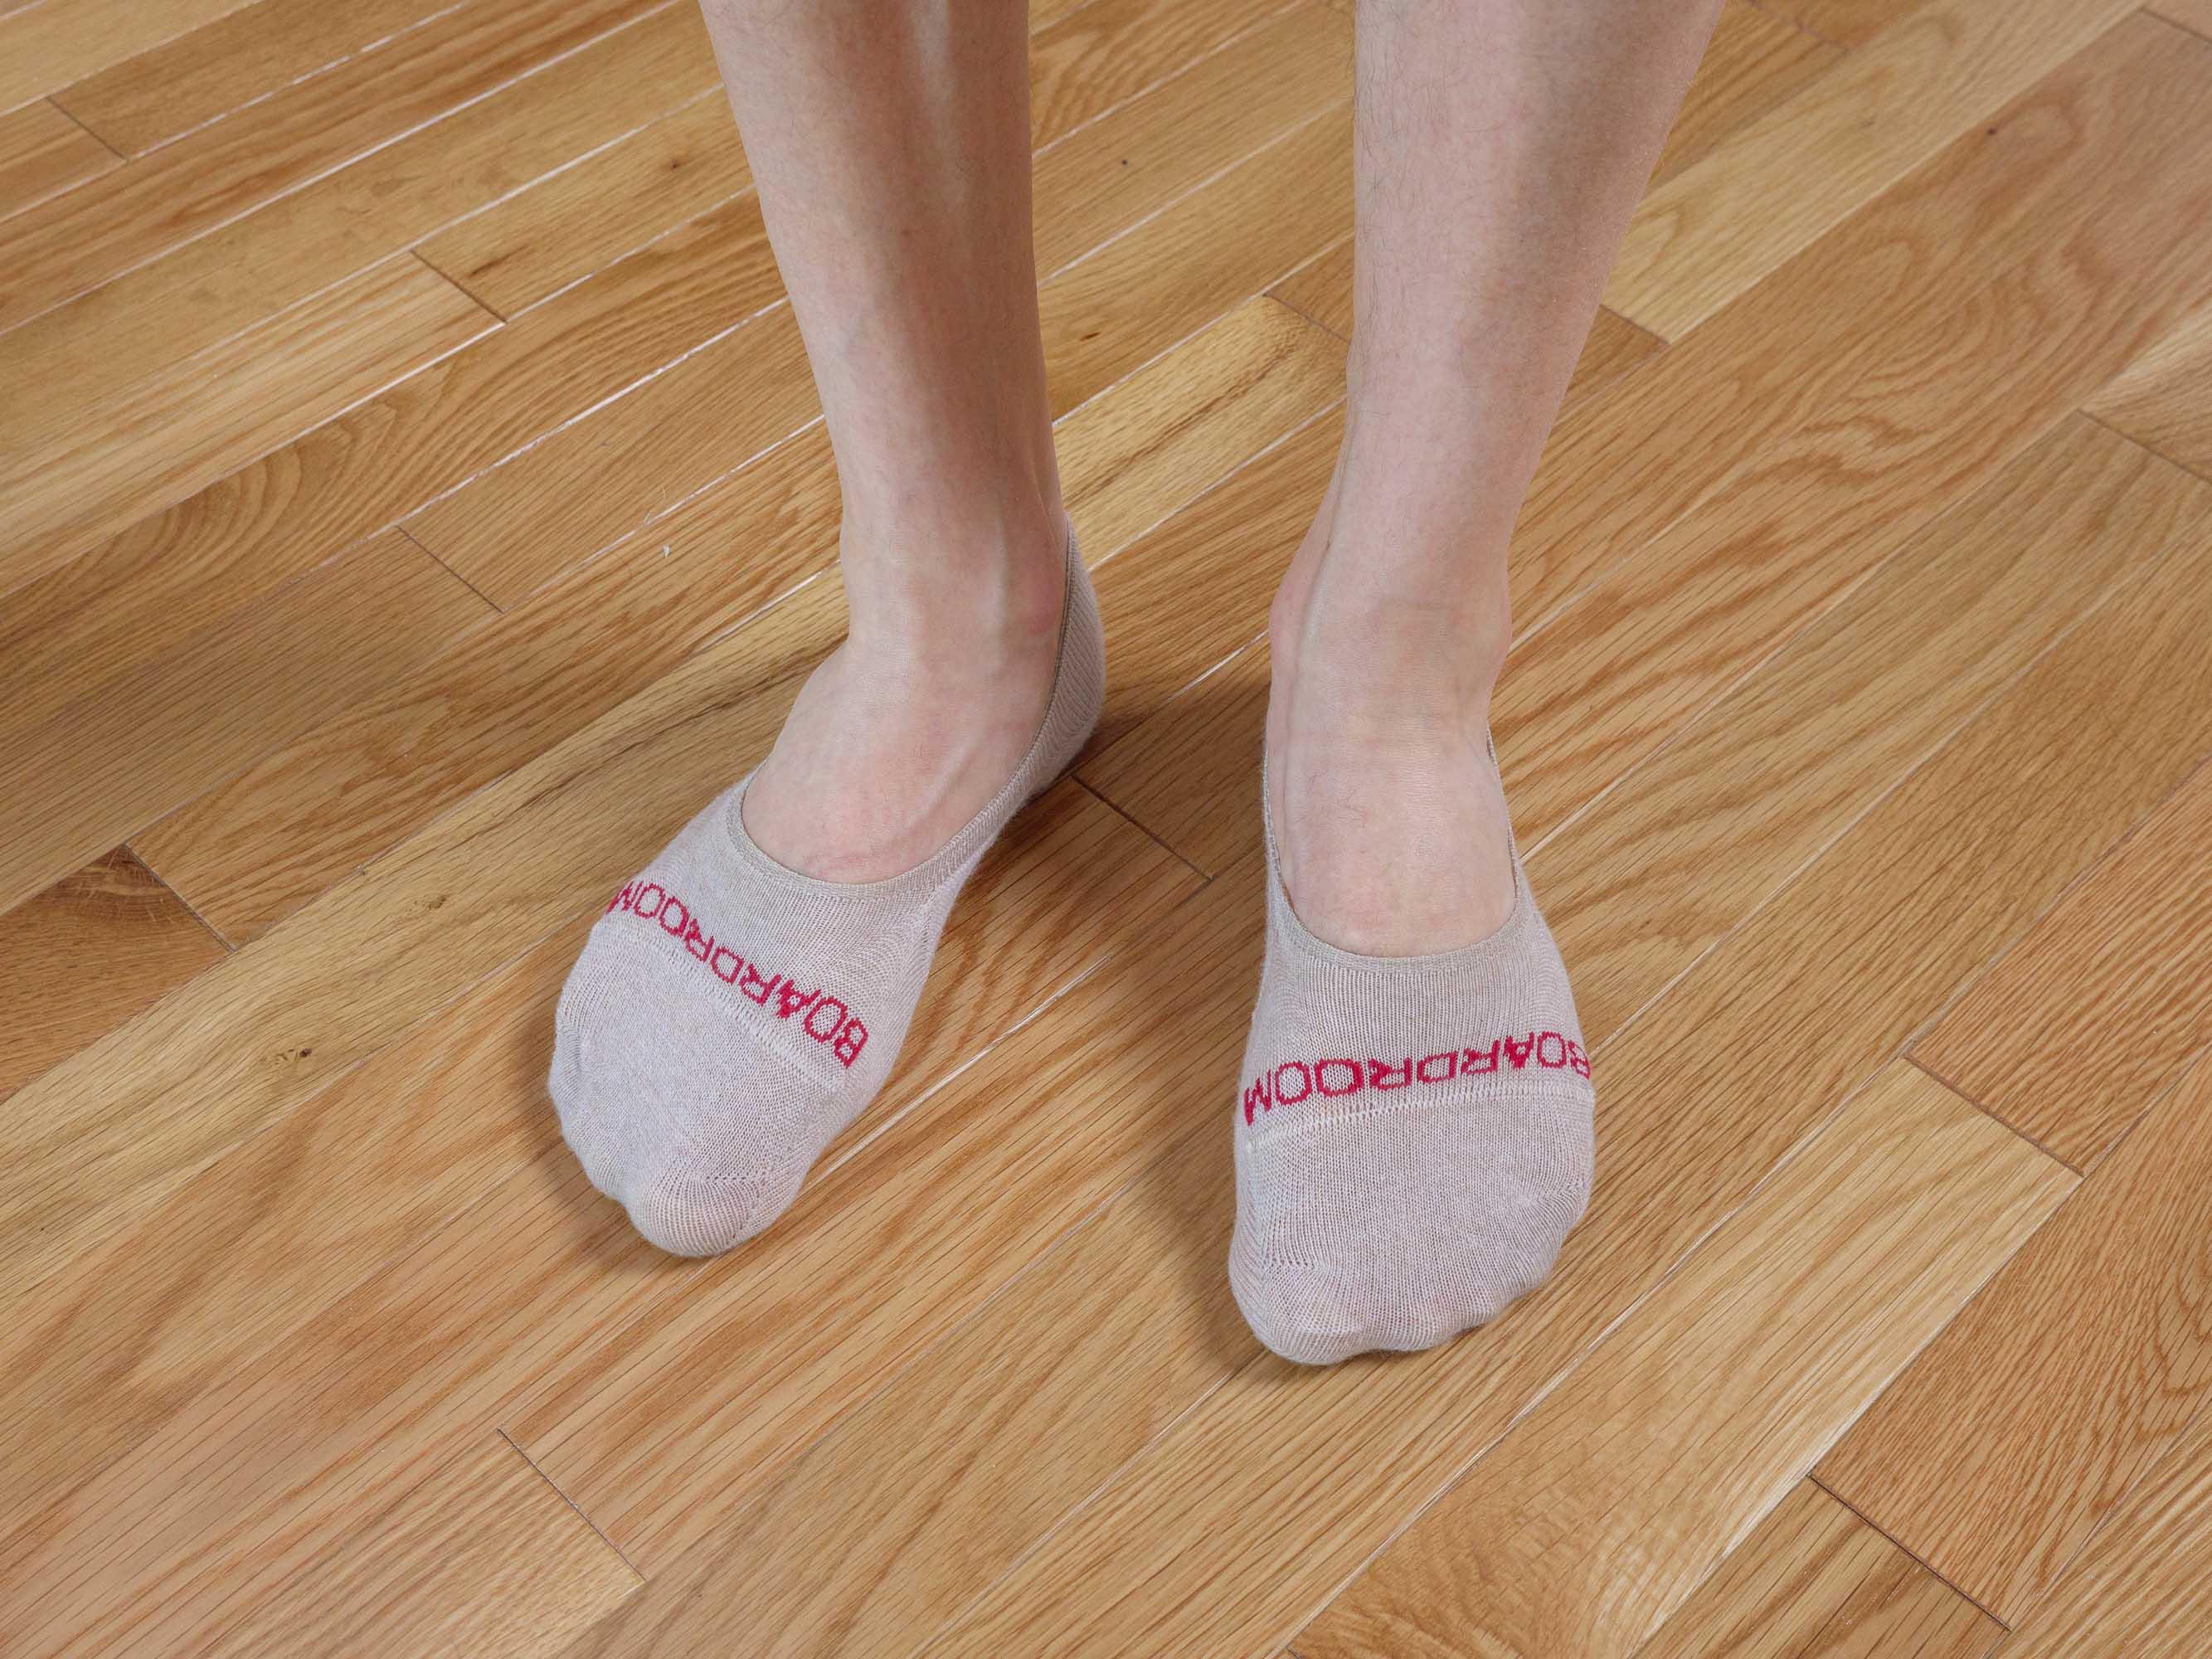 Boardroom Socks no shows